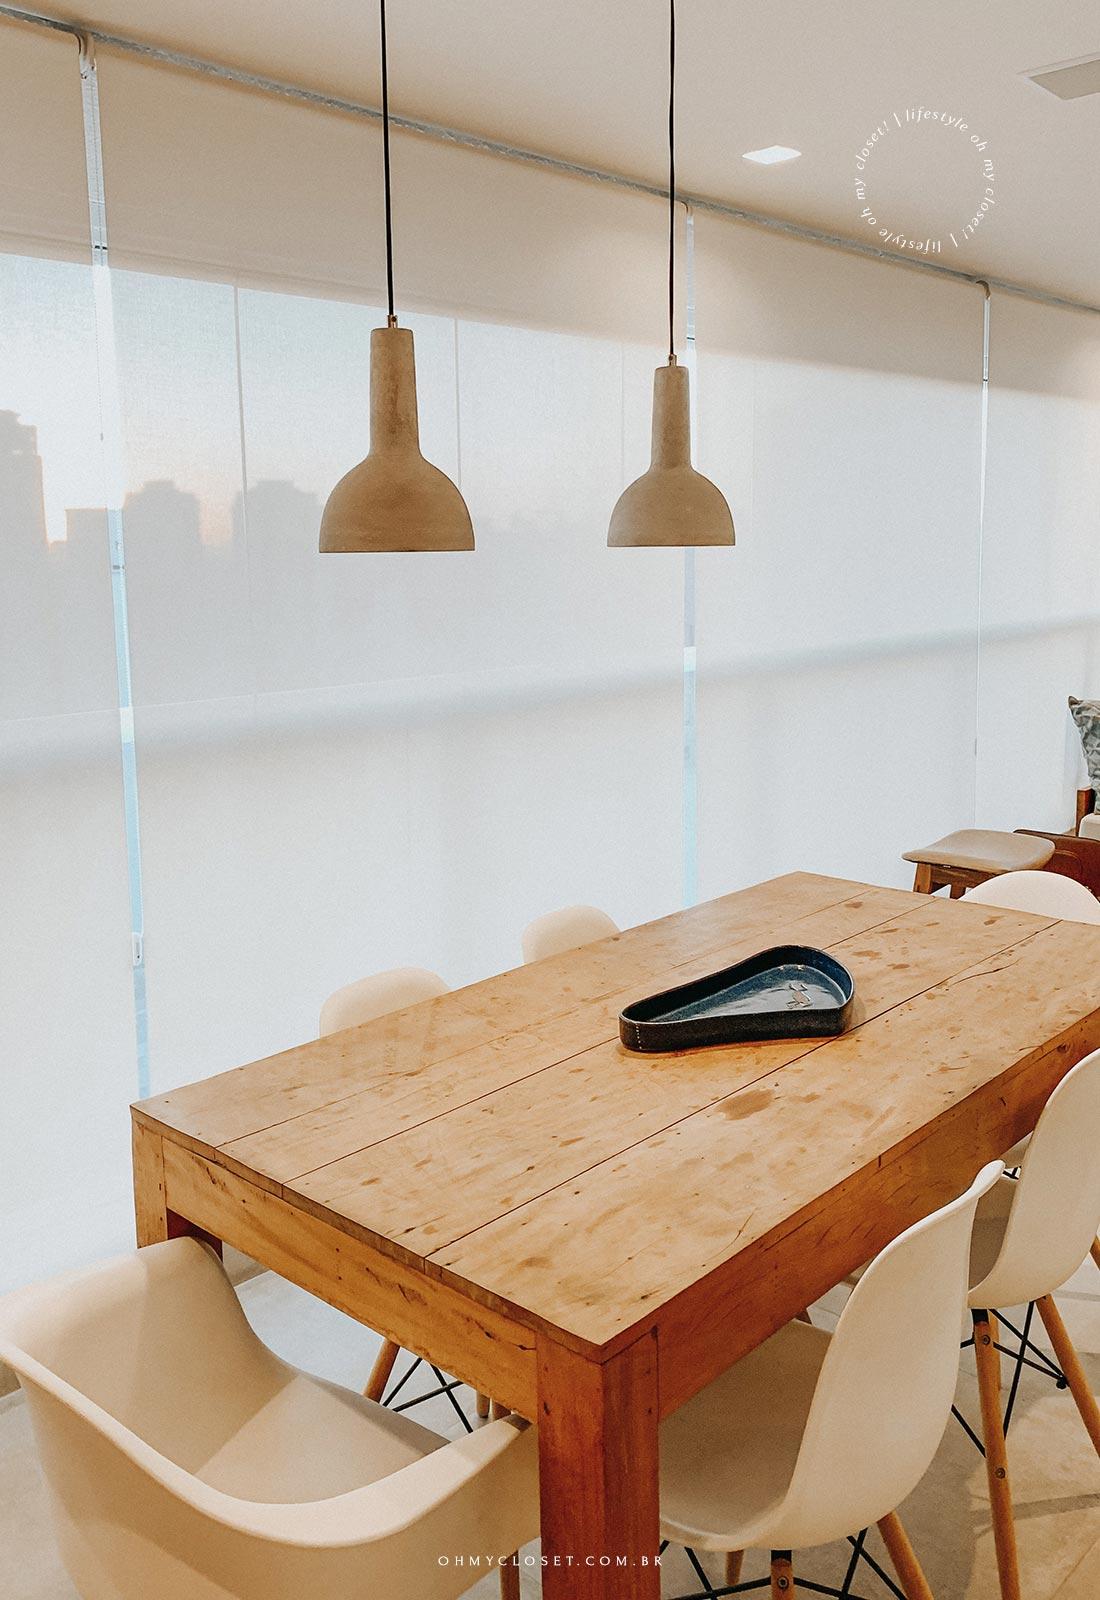 Sacada e mesa de jantar apartamento AirBnB em Pinheiros, São Paulo.